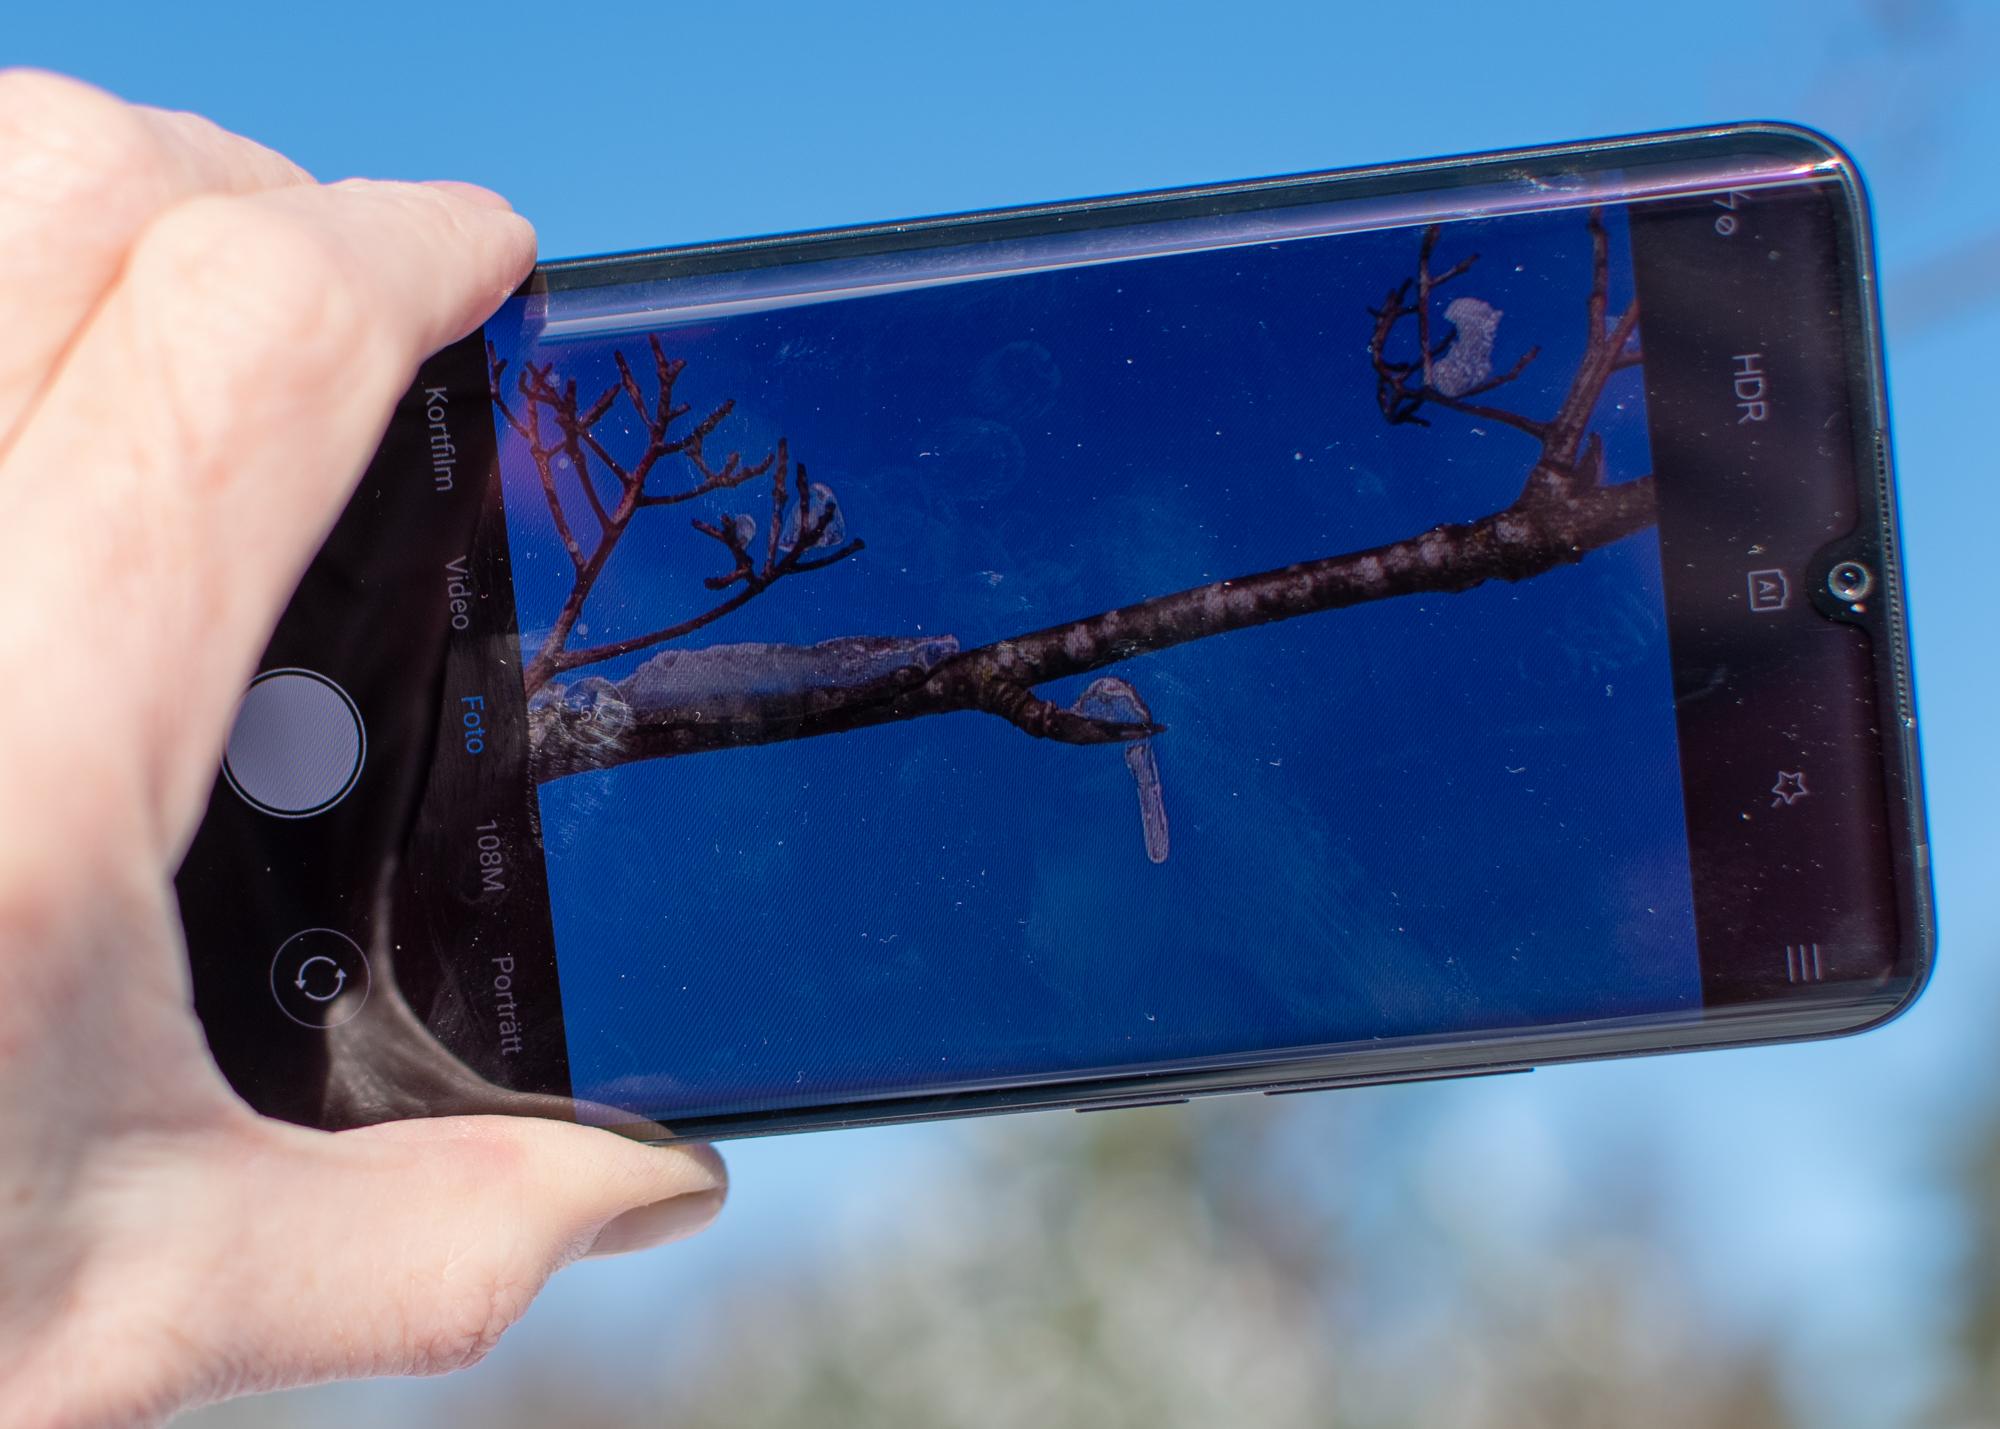 Kameramobil med fokus på detaljerna